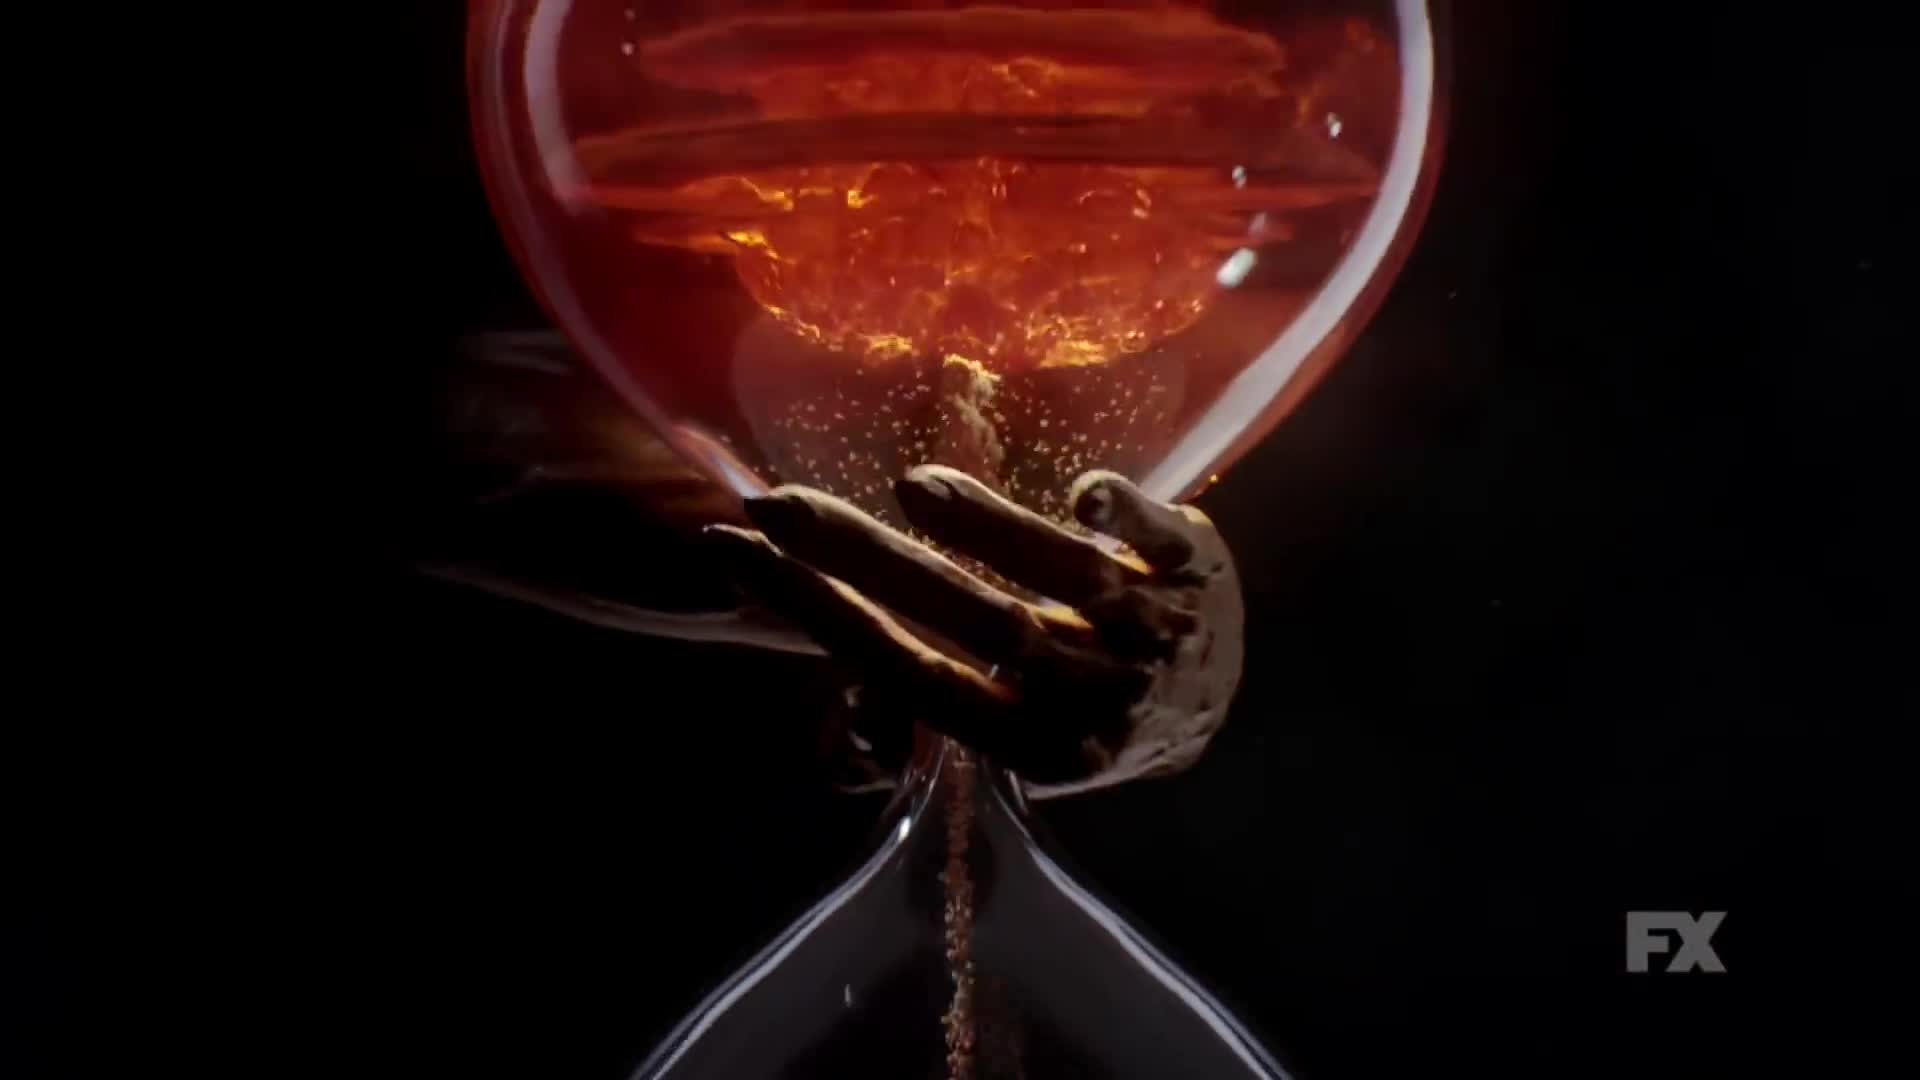 Series phim kinh dị American Horror Story mùa 8 tung teaser trailer đầu tiên ảnh 2